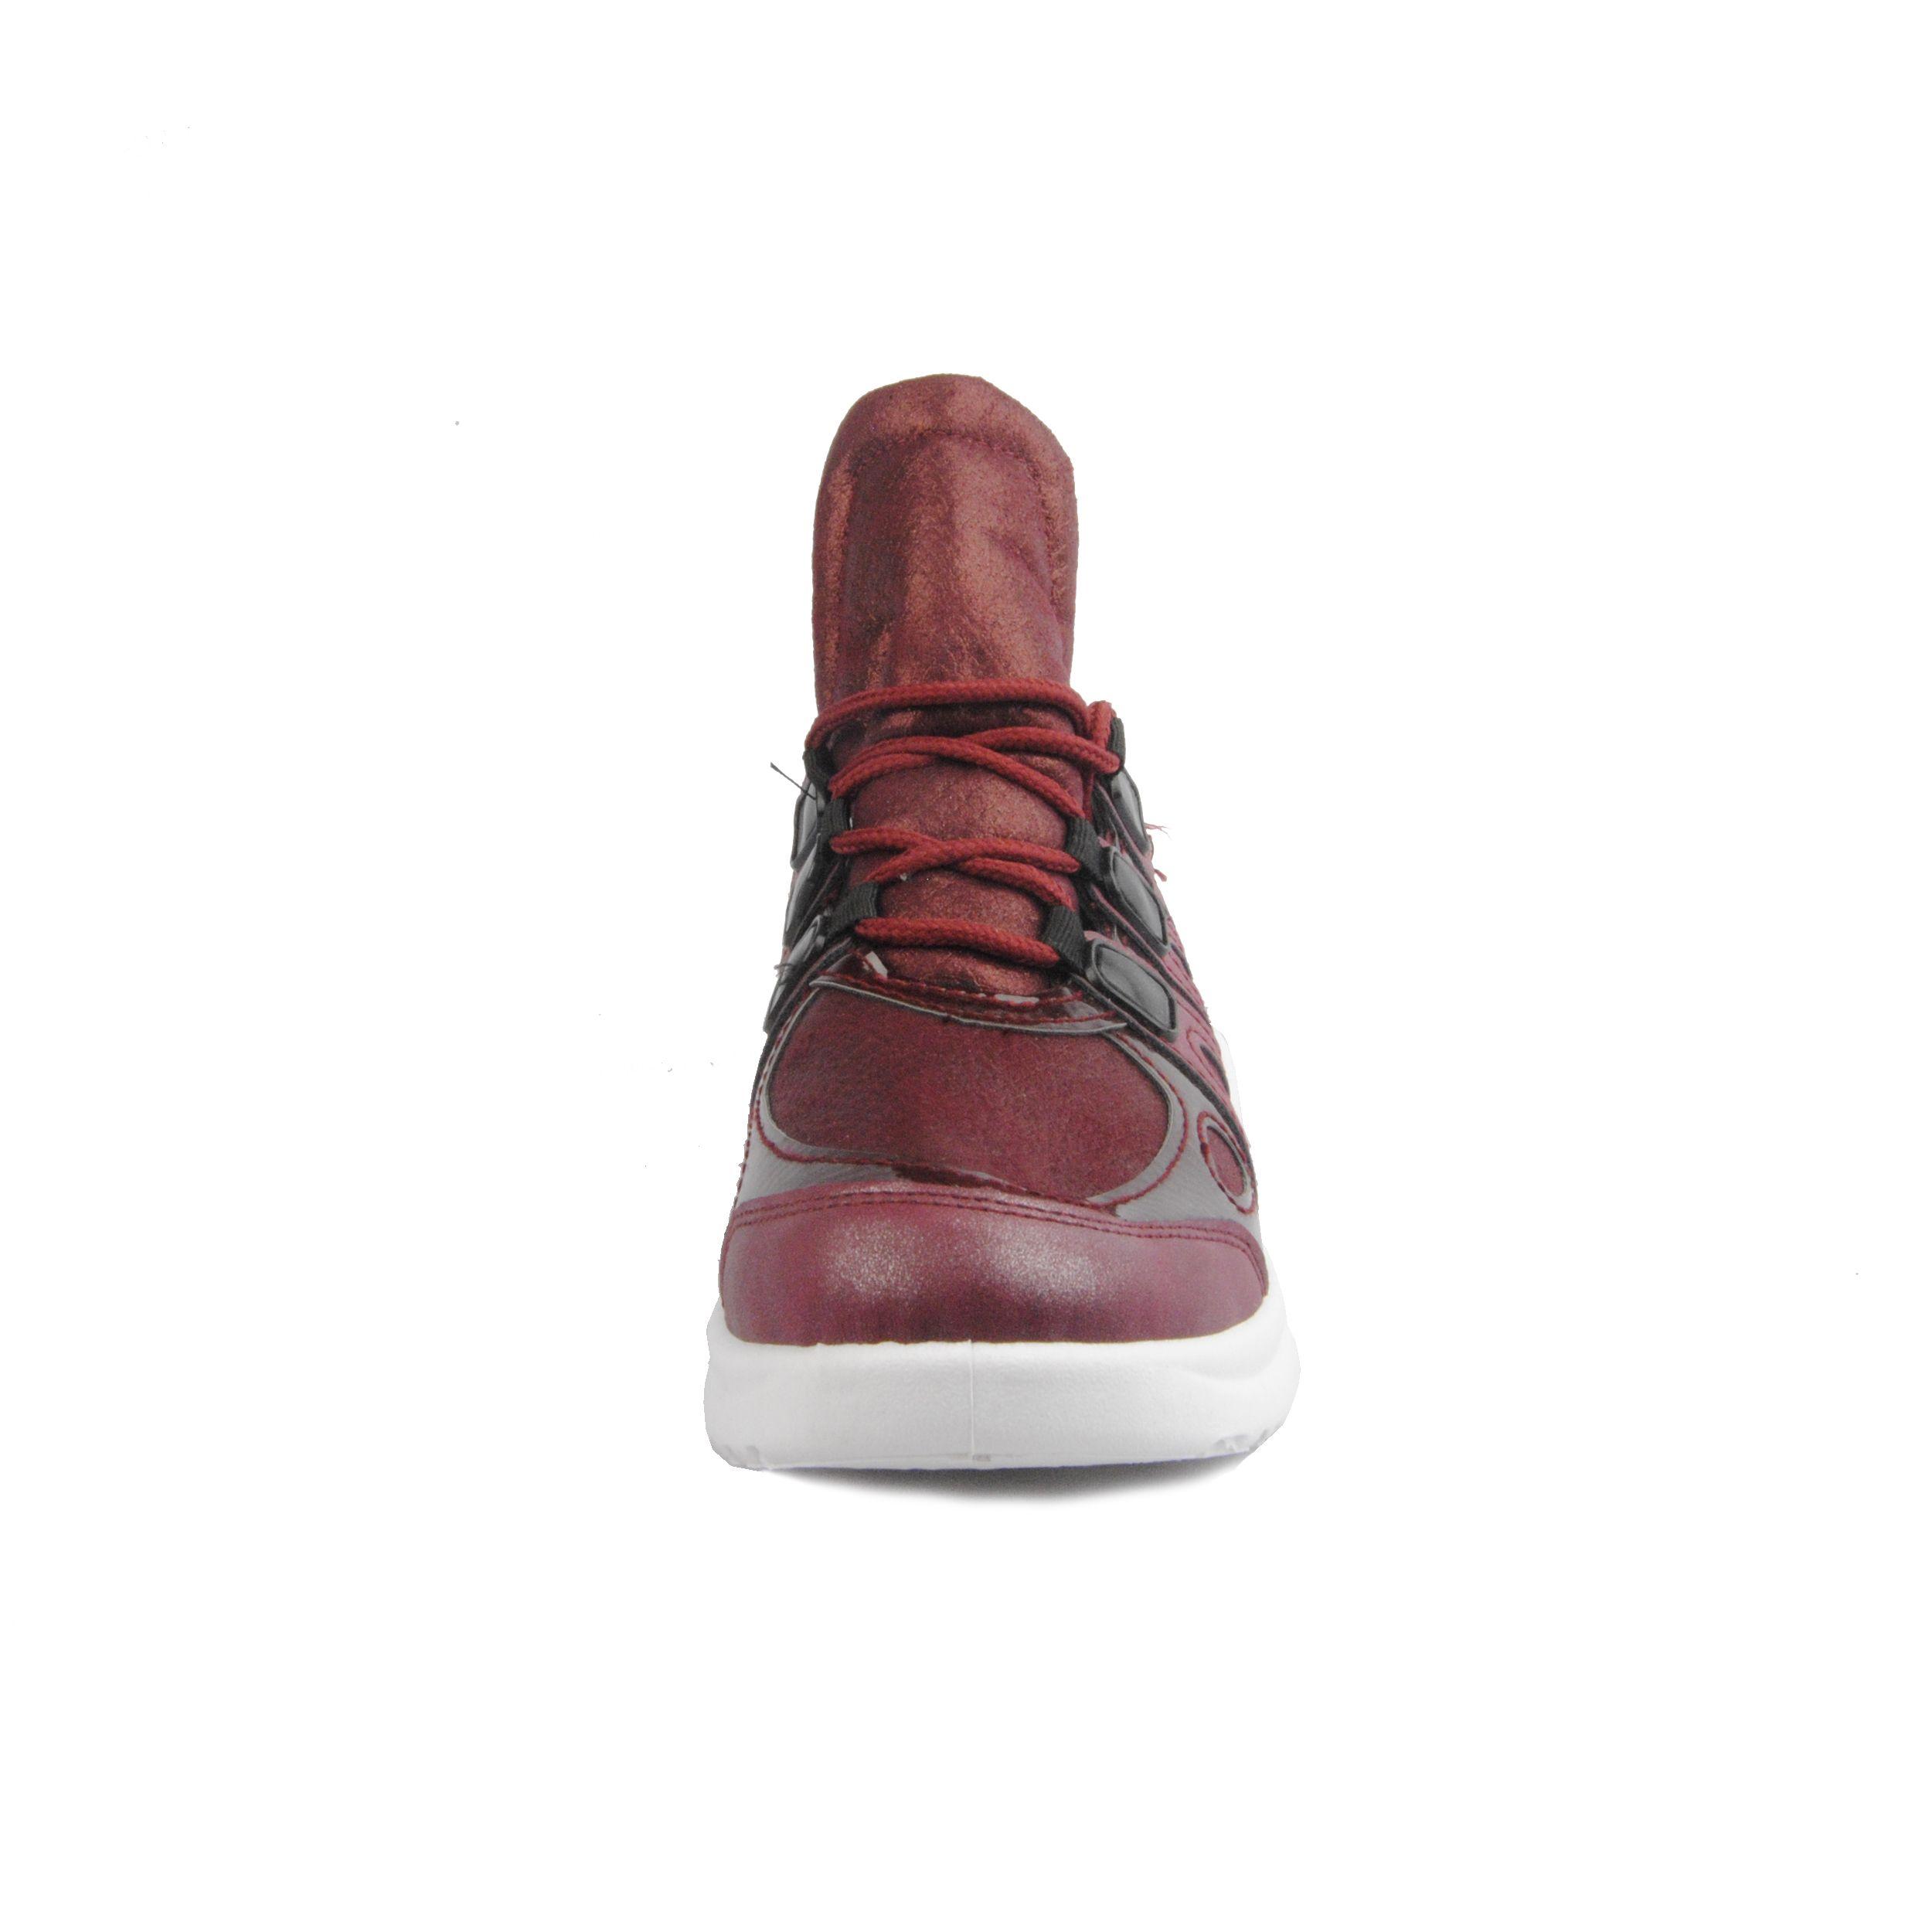 Montevita Sporty Sneaker in Bordo